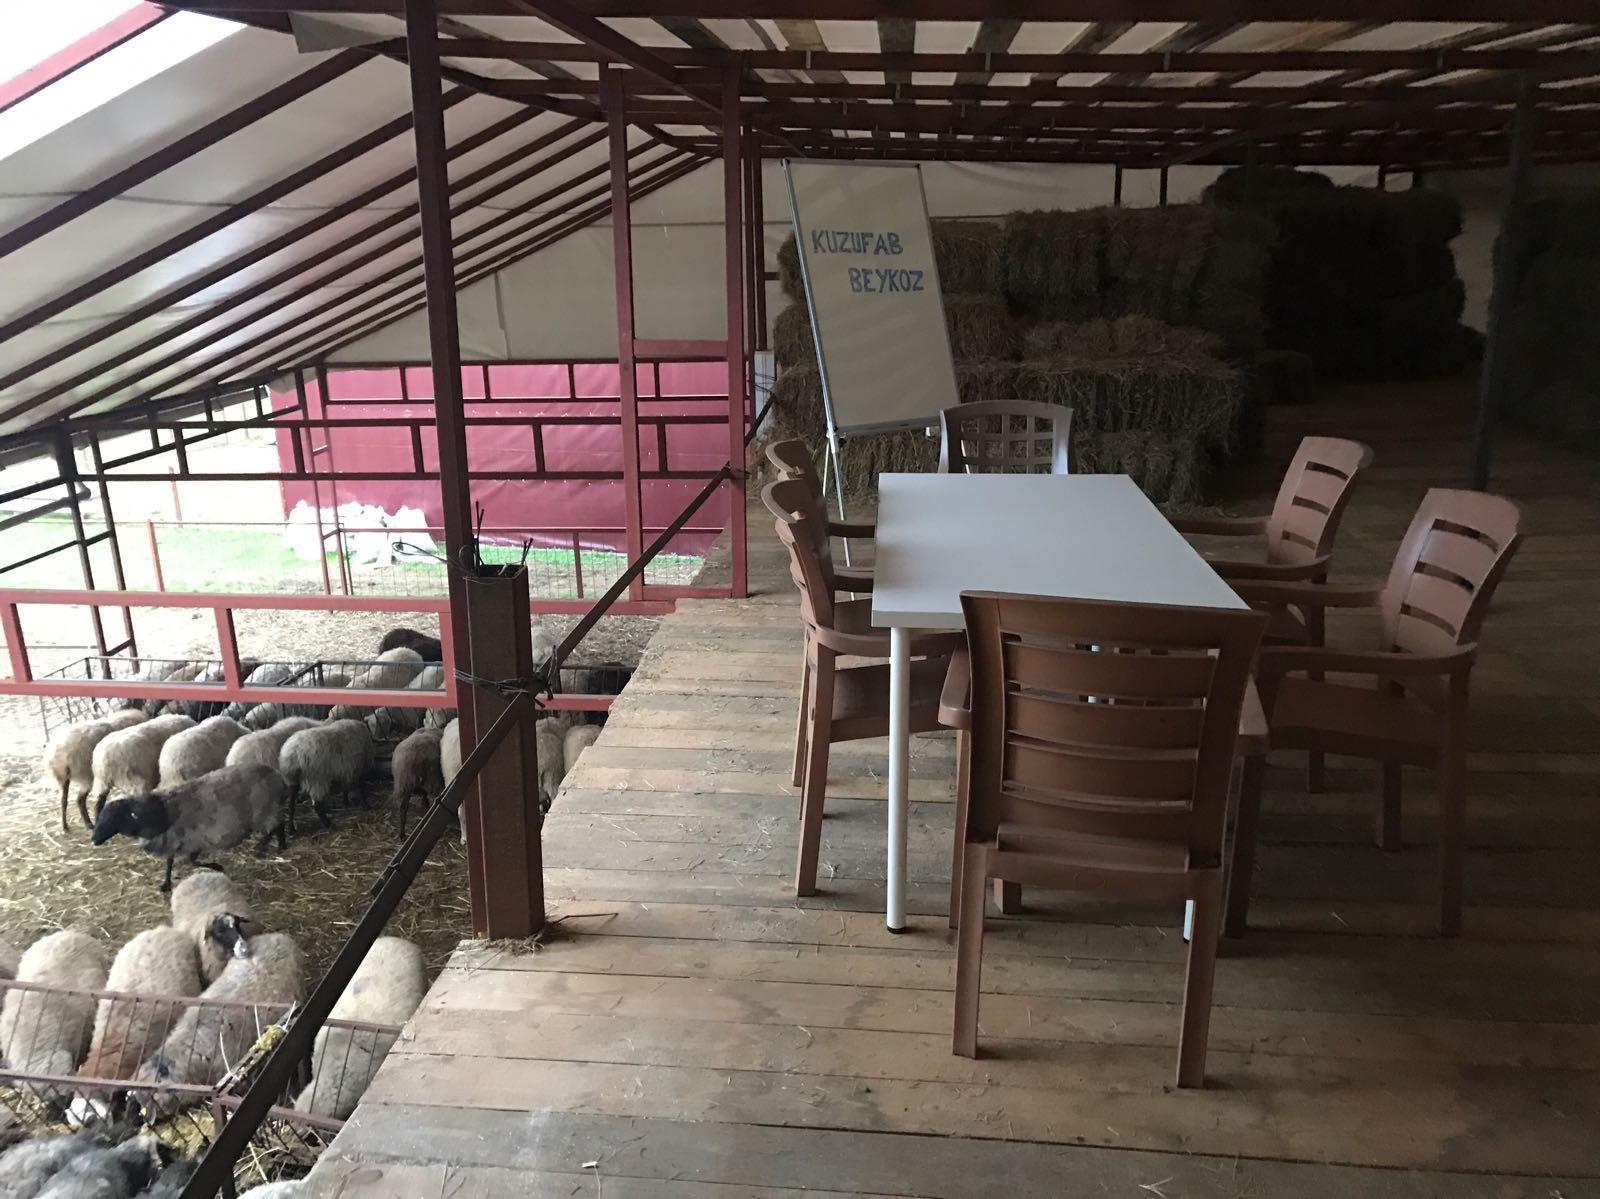 kuzufab-toplantı-odası